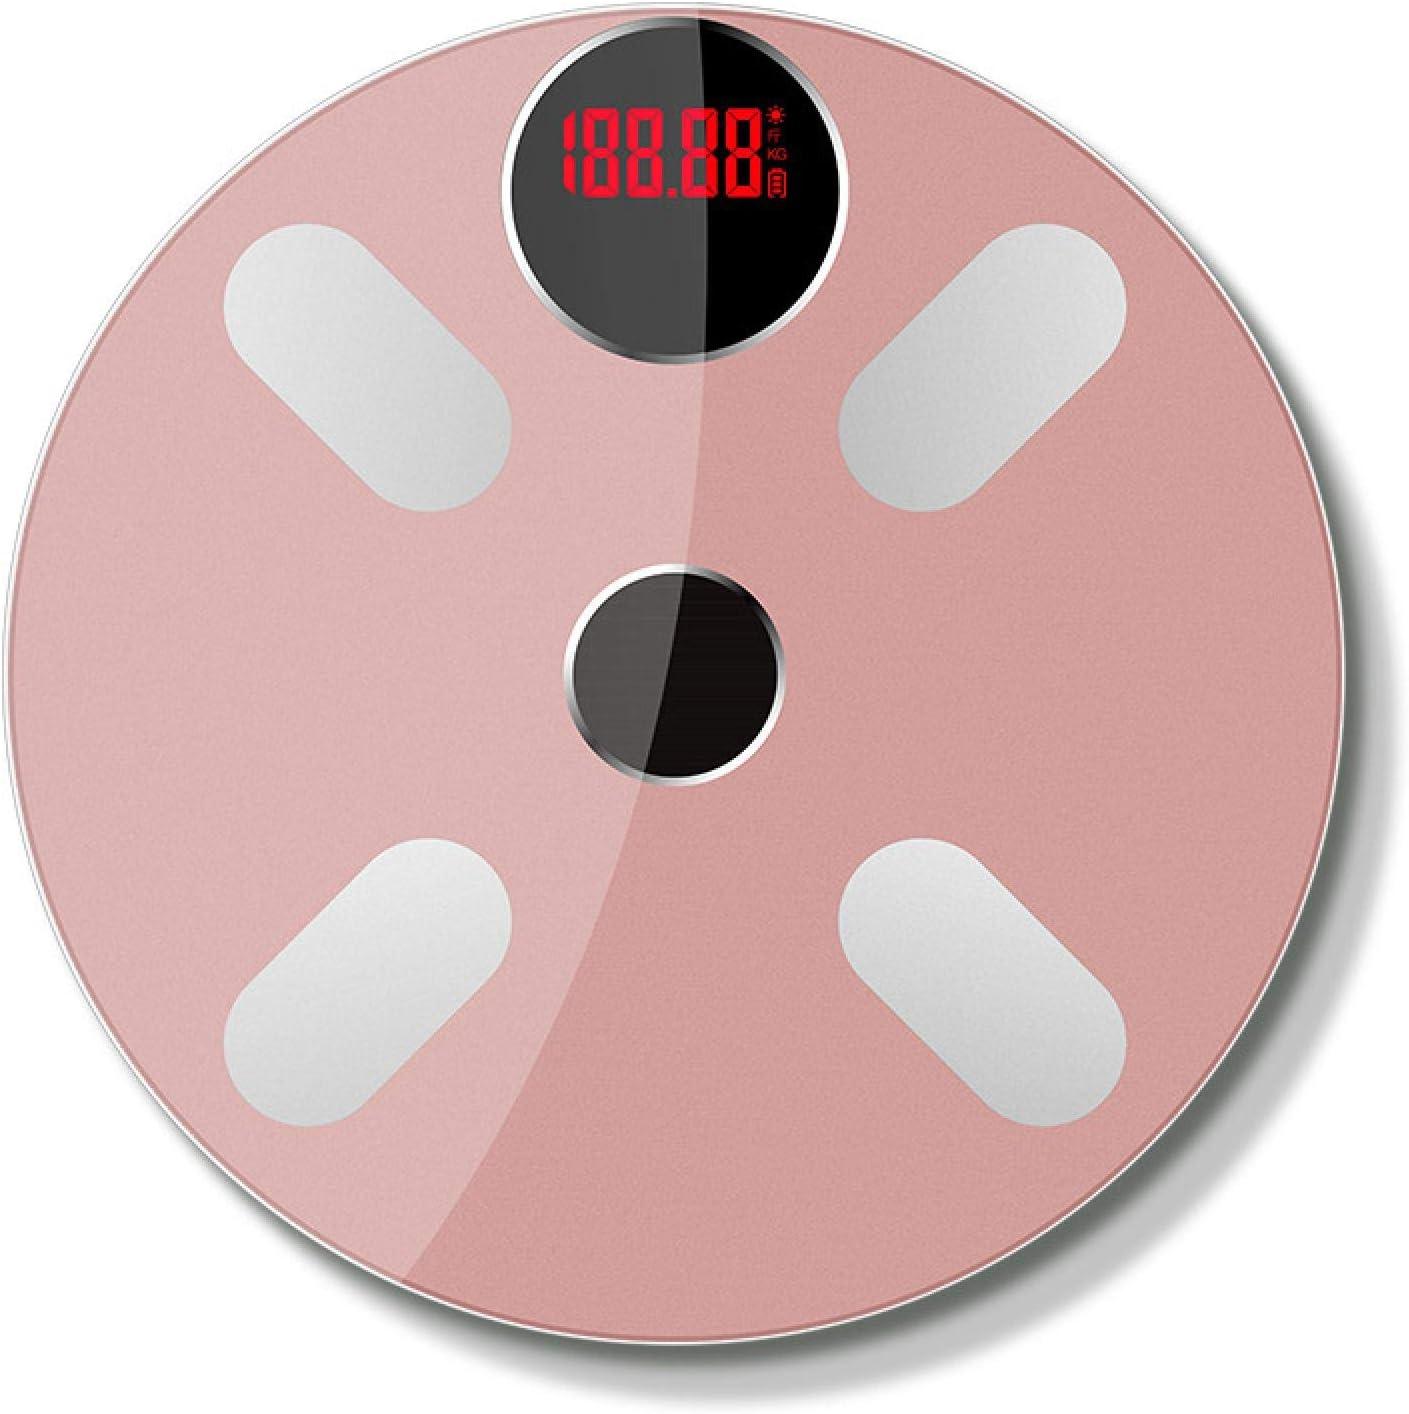 Báscula de grasa corporal con Bluetooth IMC Escala de equilibrio de balanza electrónica inteligente LED digital balanza de peso corporal balanza de baño rosa